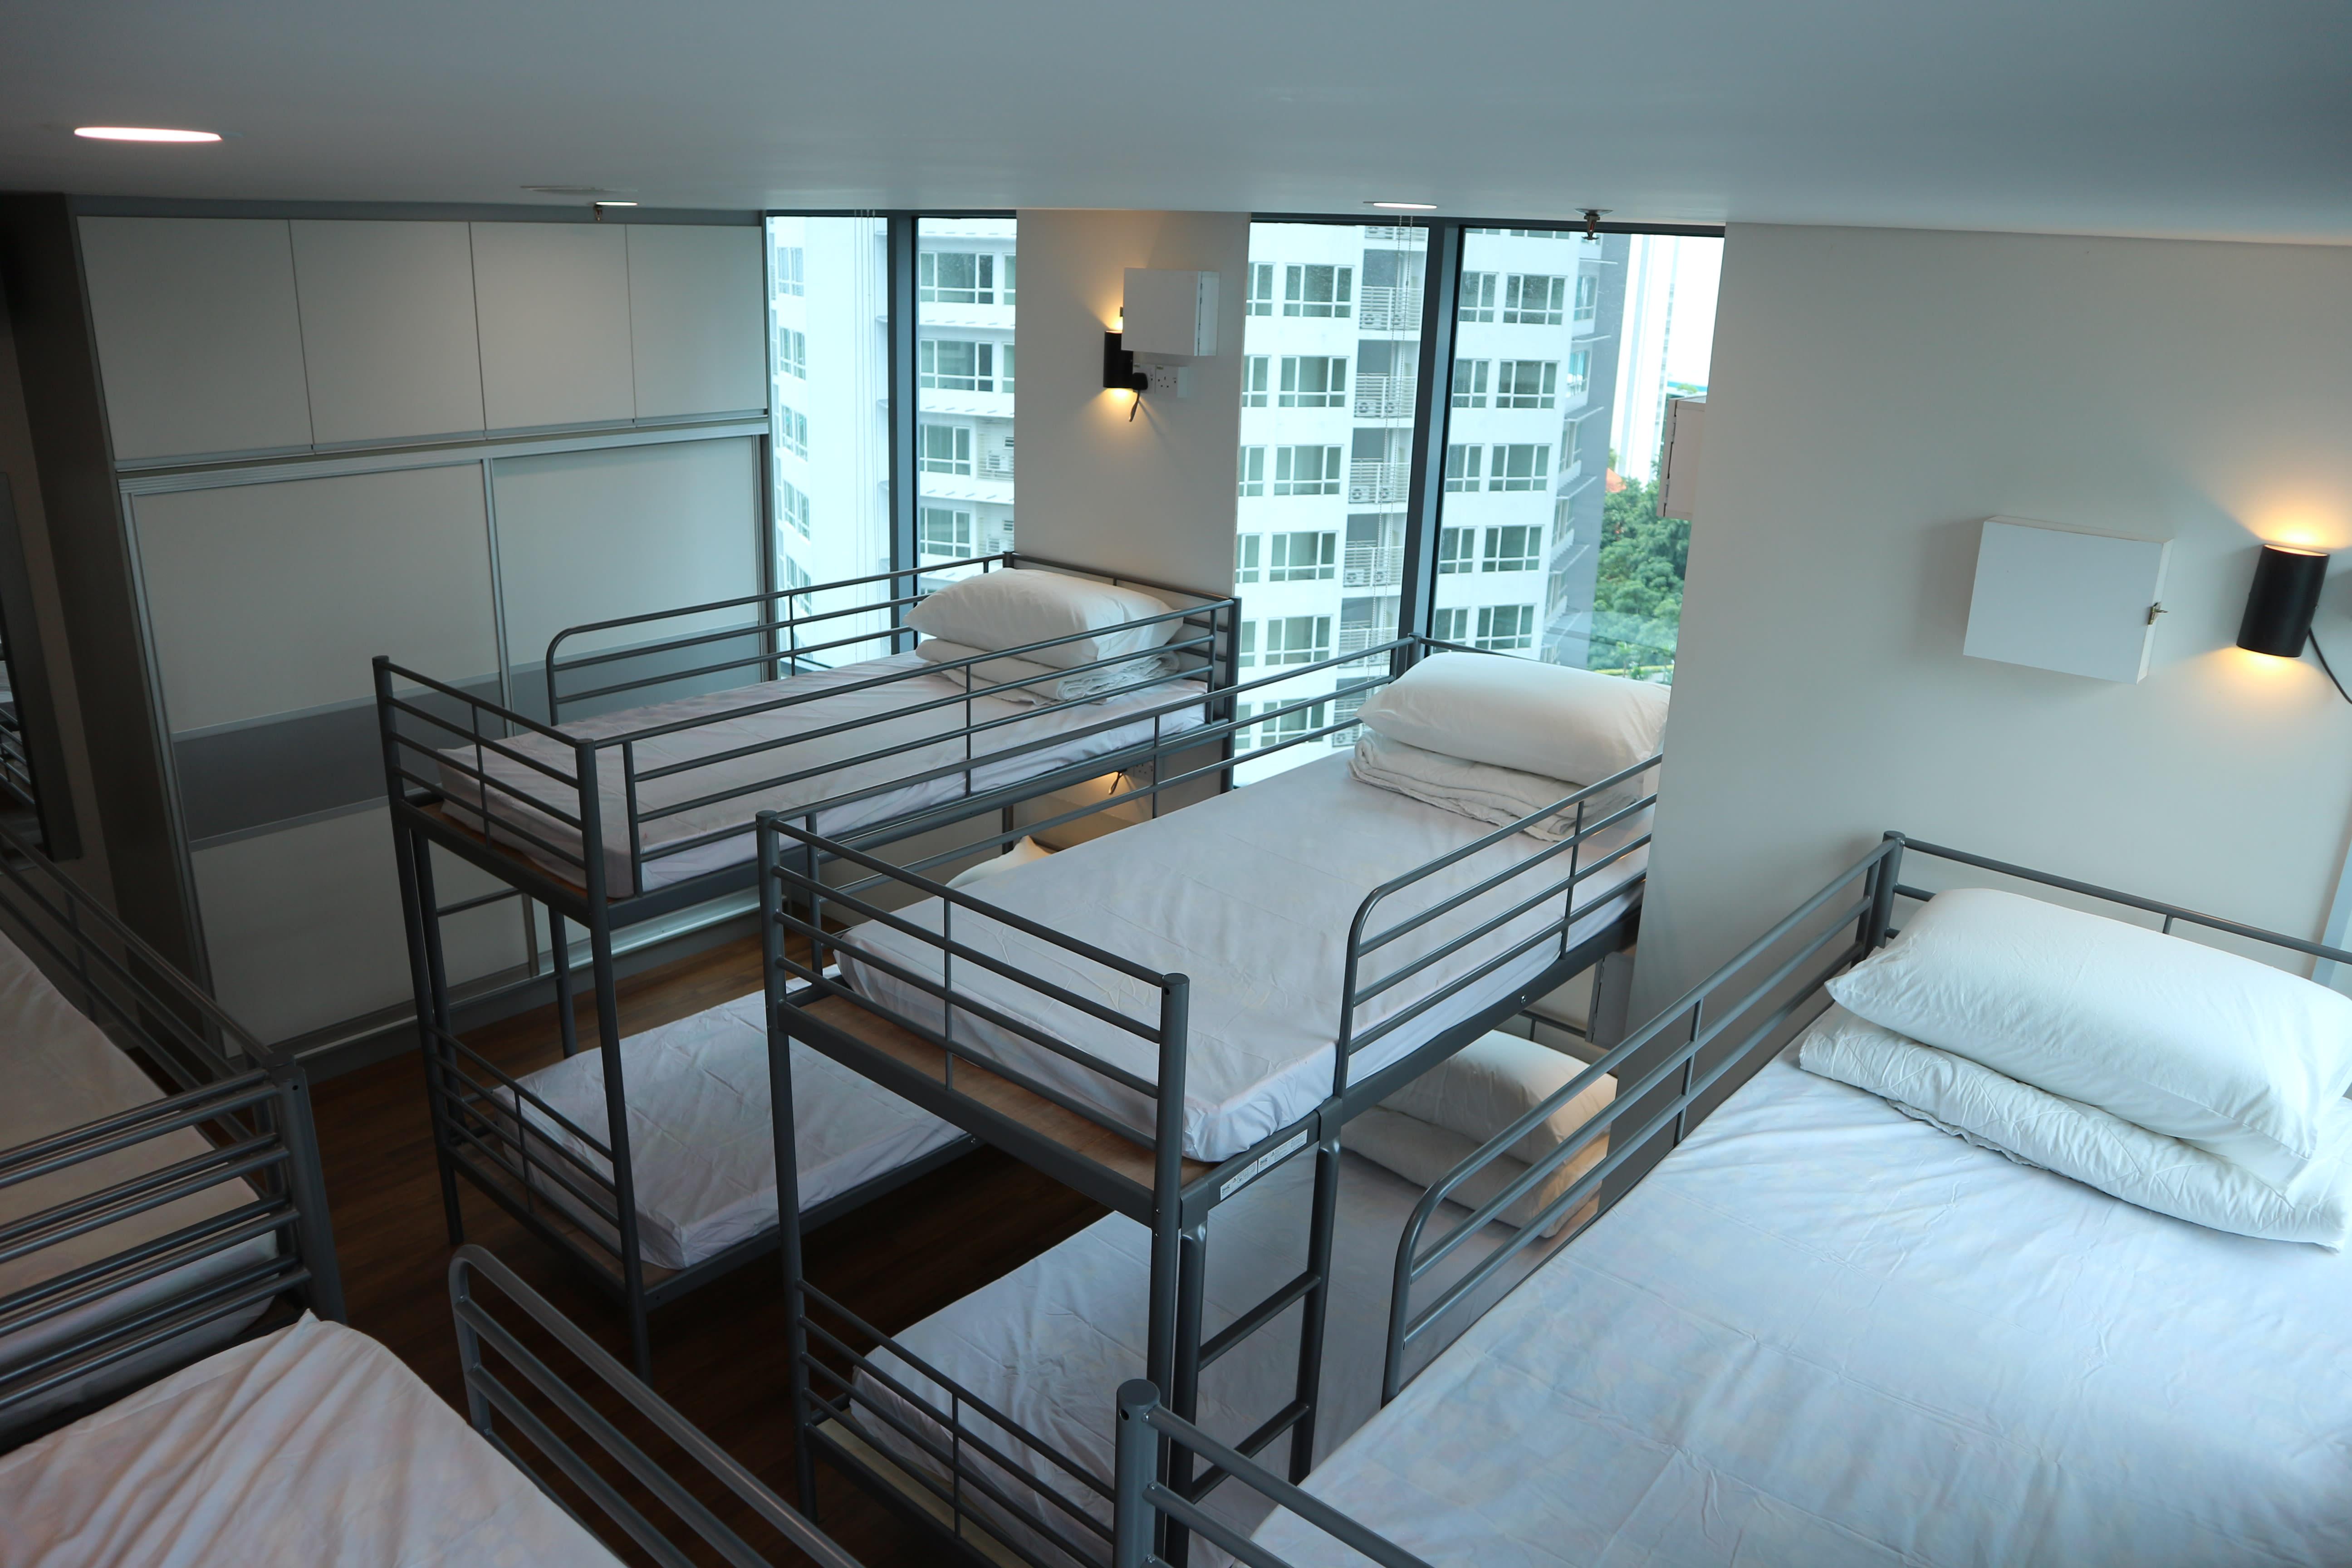 HOSTEL - The 32 Dorms KLCC